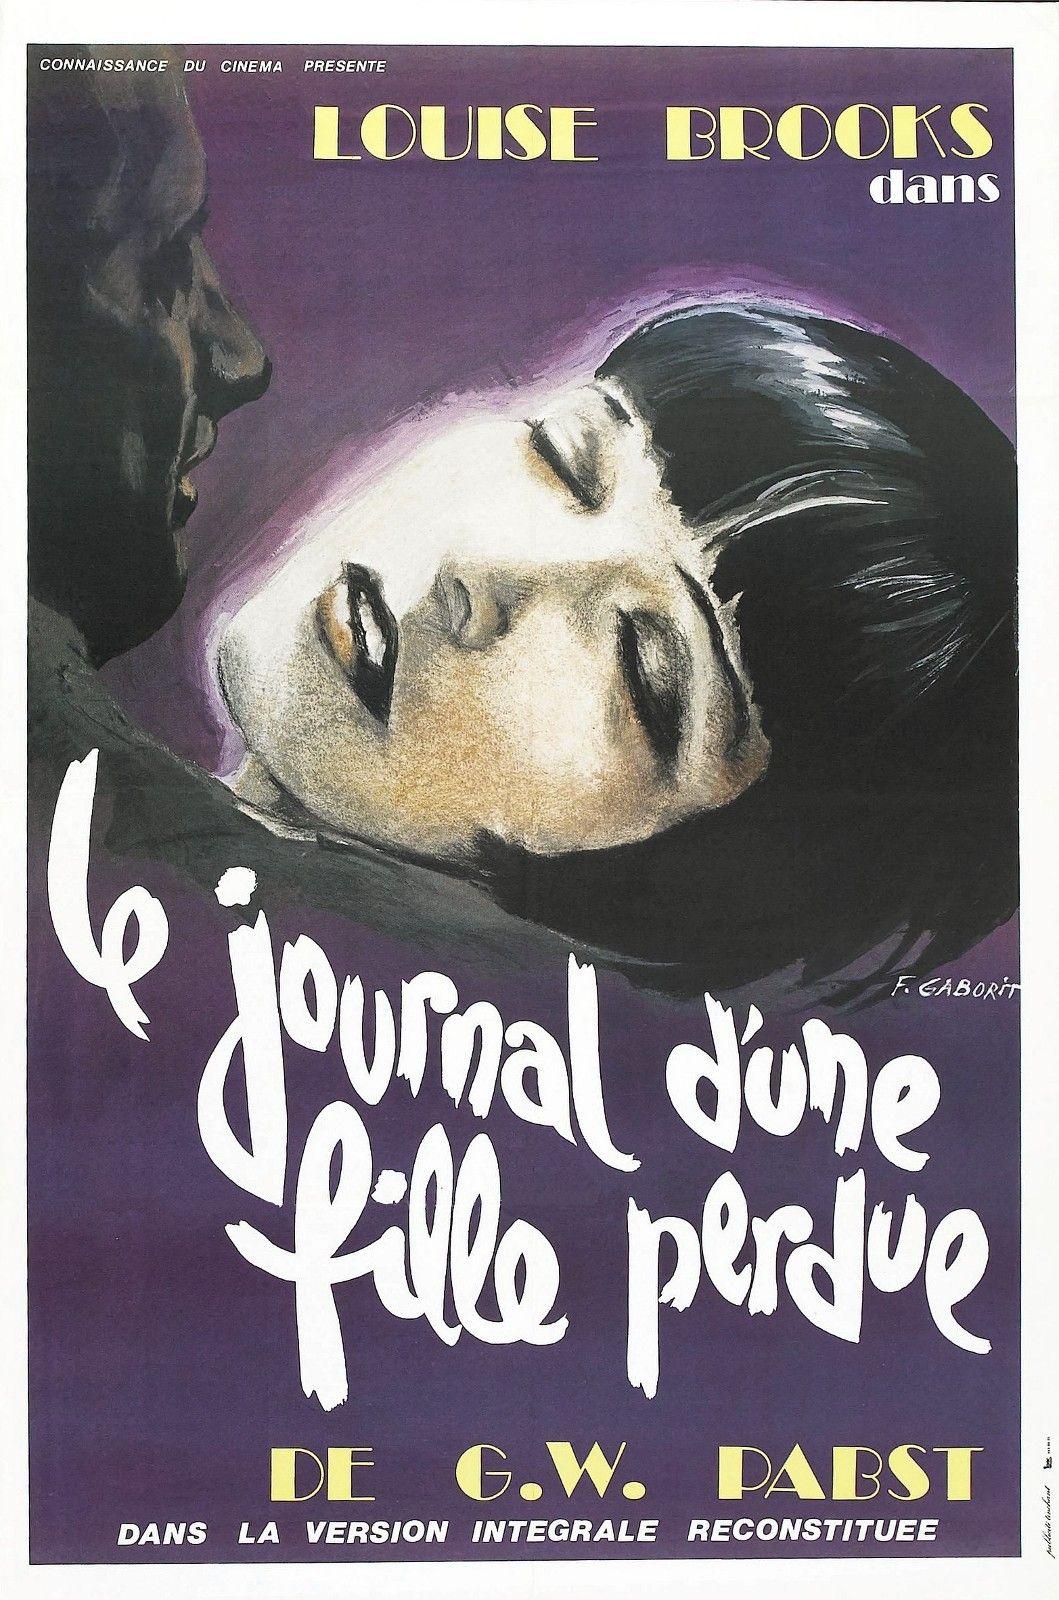 Votre dernier film visionné - Page 13 Le_Journal_d_une_fille_perdue